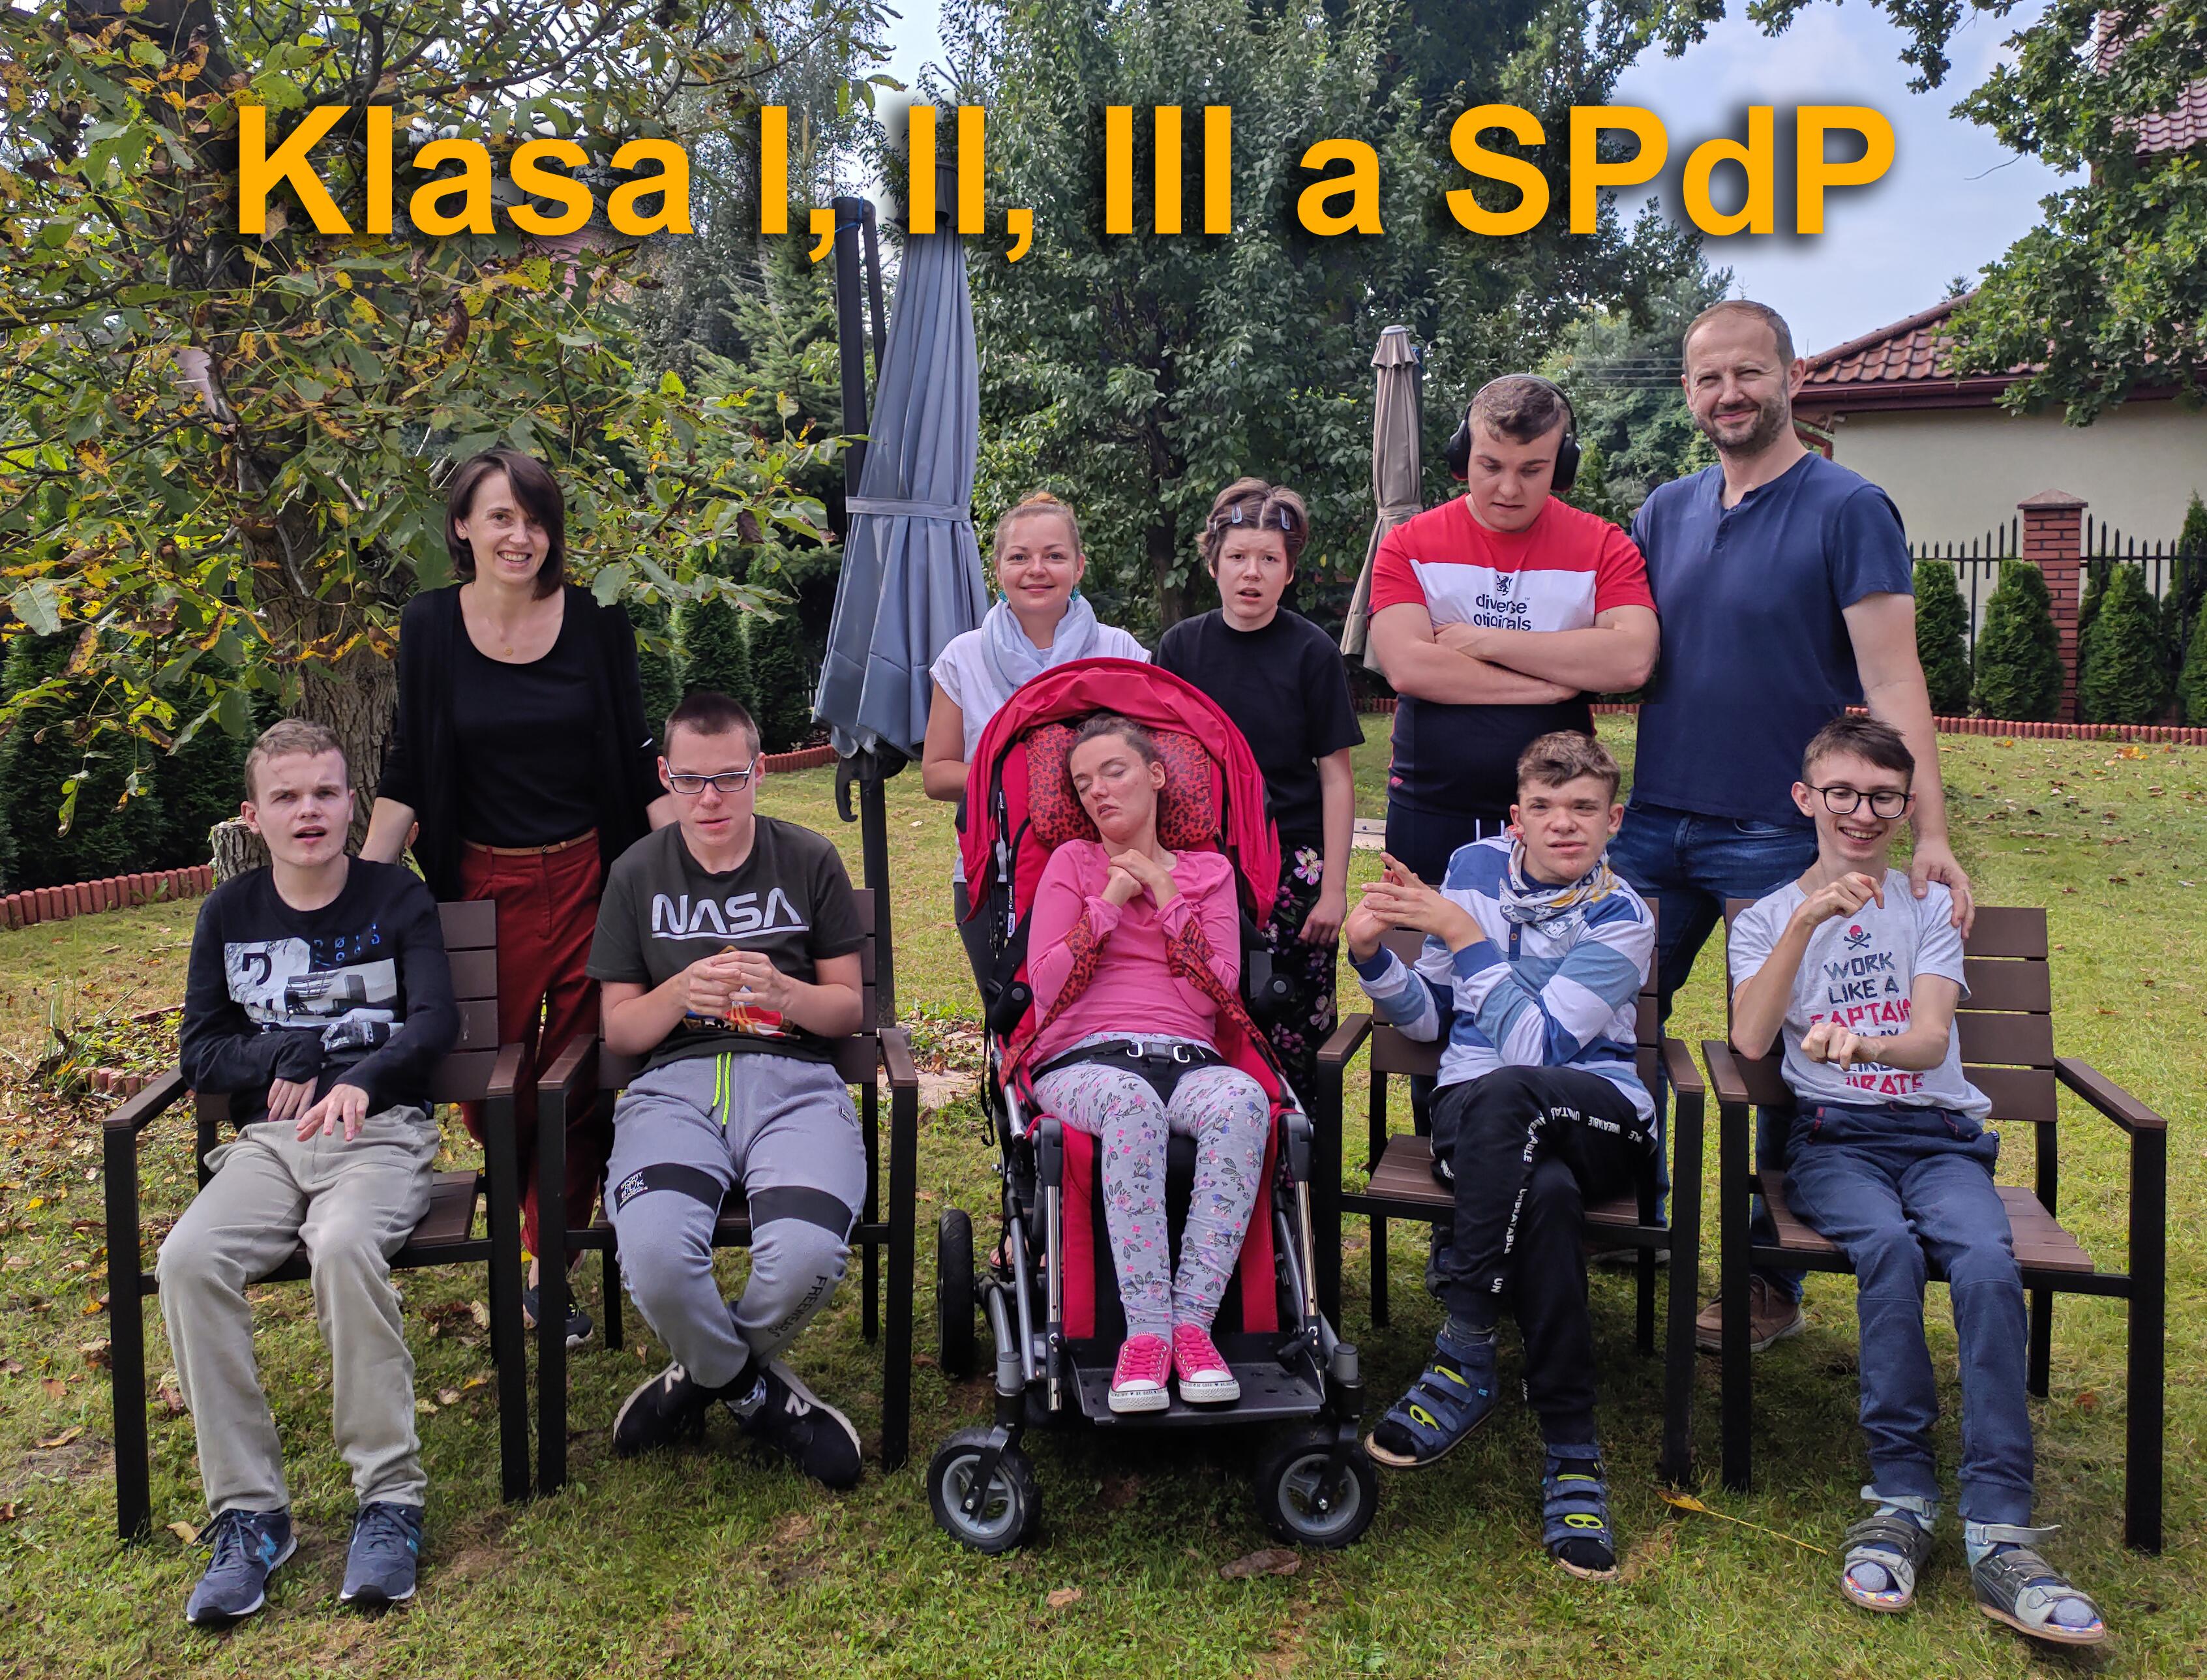 Wrześniowe fotogalerie klasy 1/2/3 ASPdP